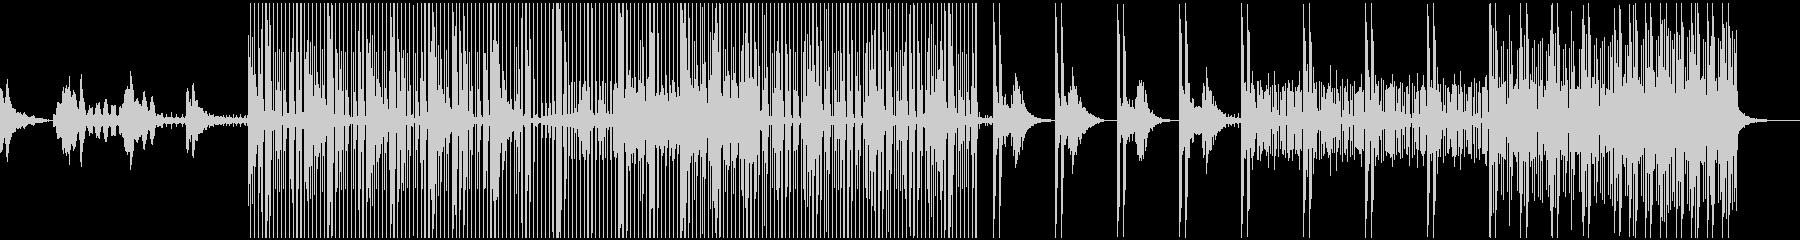 幻想的な雰囲気のエレクトロニカの未再生の波形